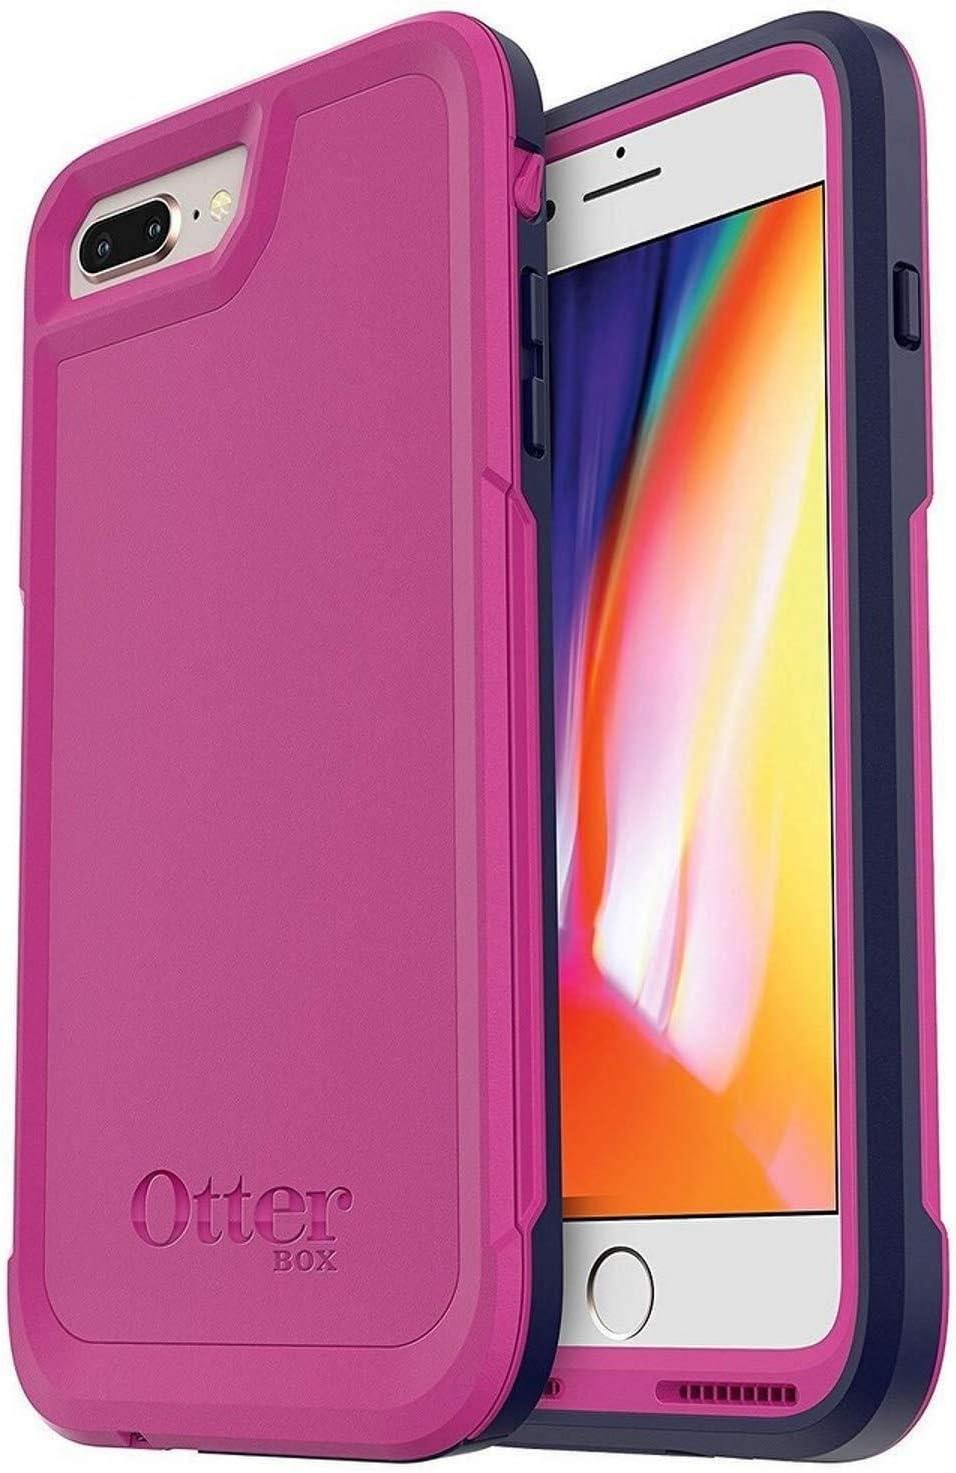 OtterBox Pursuit Case for Apple iPhone 8 Plus / 7 Plus - Purple Coastal Rise